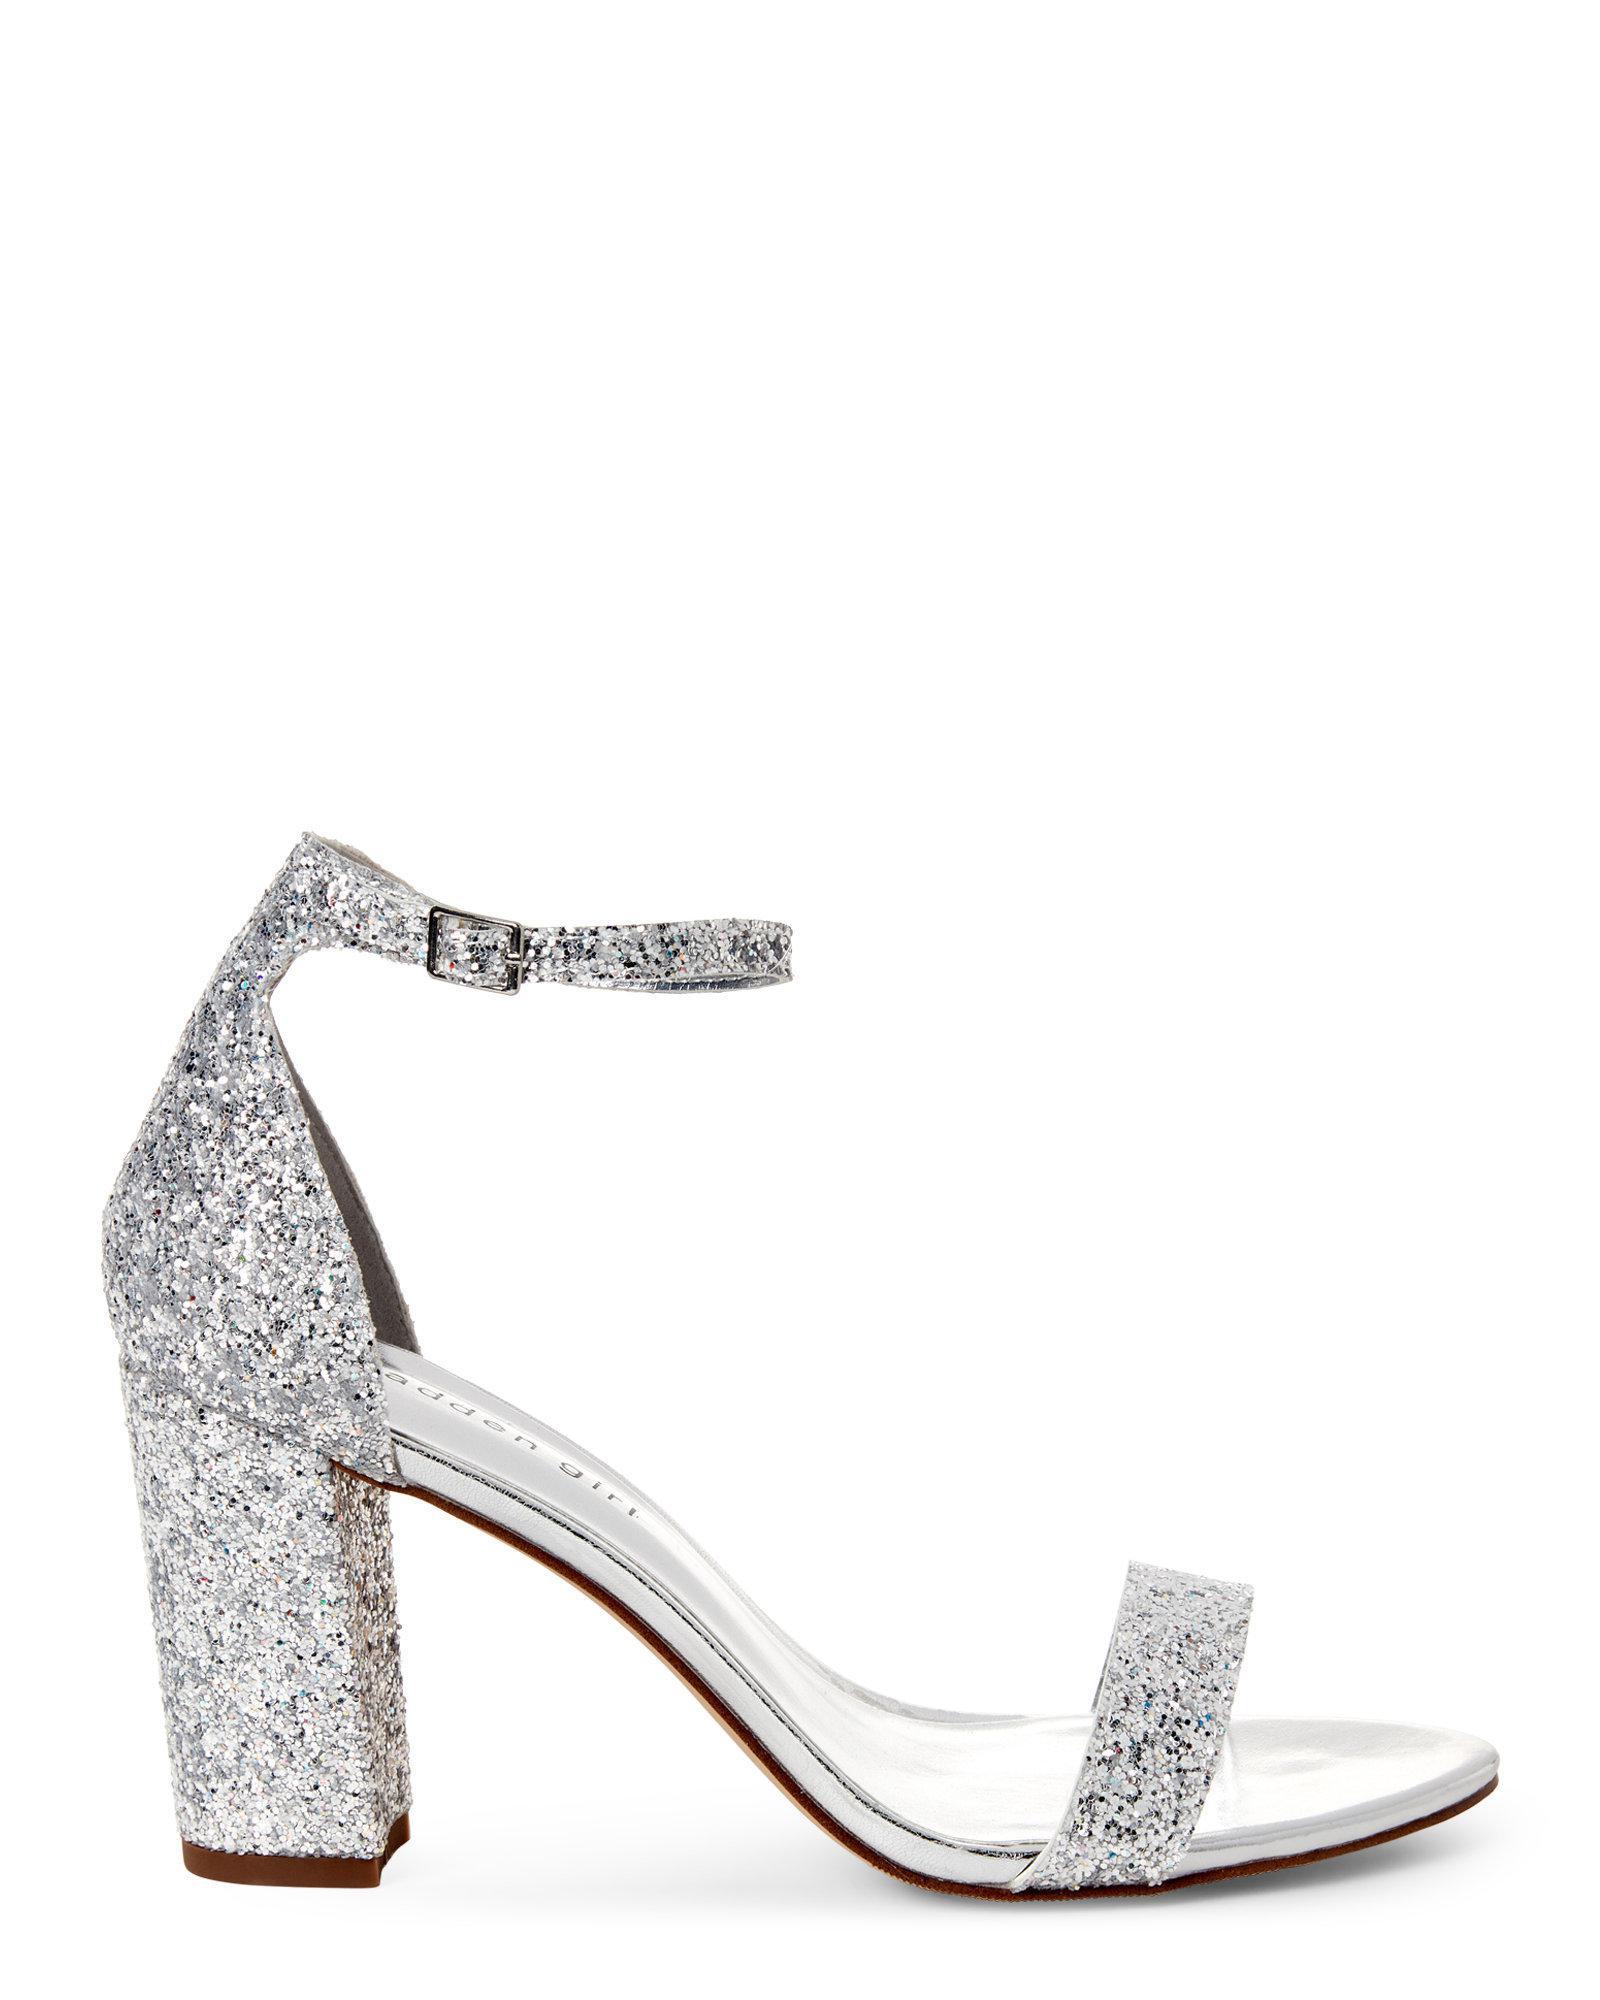 01b25e8c3785 Madden Girl Silver Bella Glitter Open Toe Heels in Metallic - Lyst